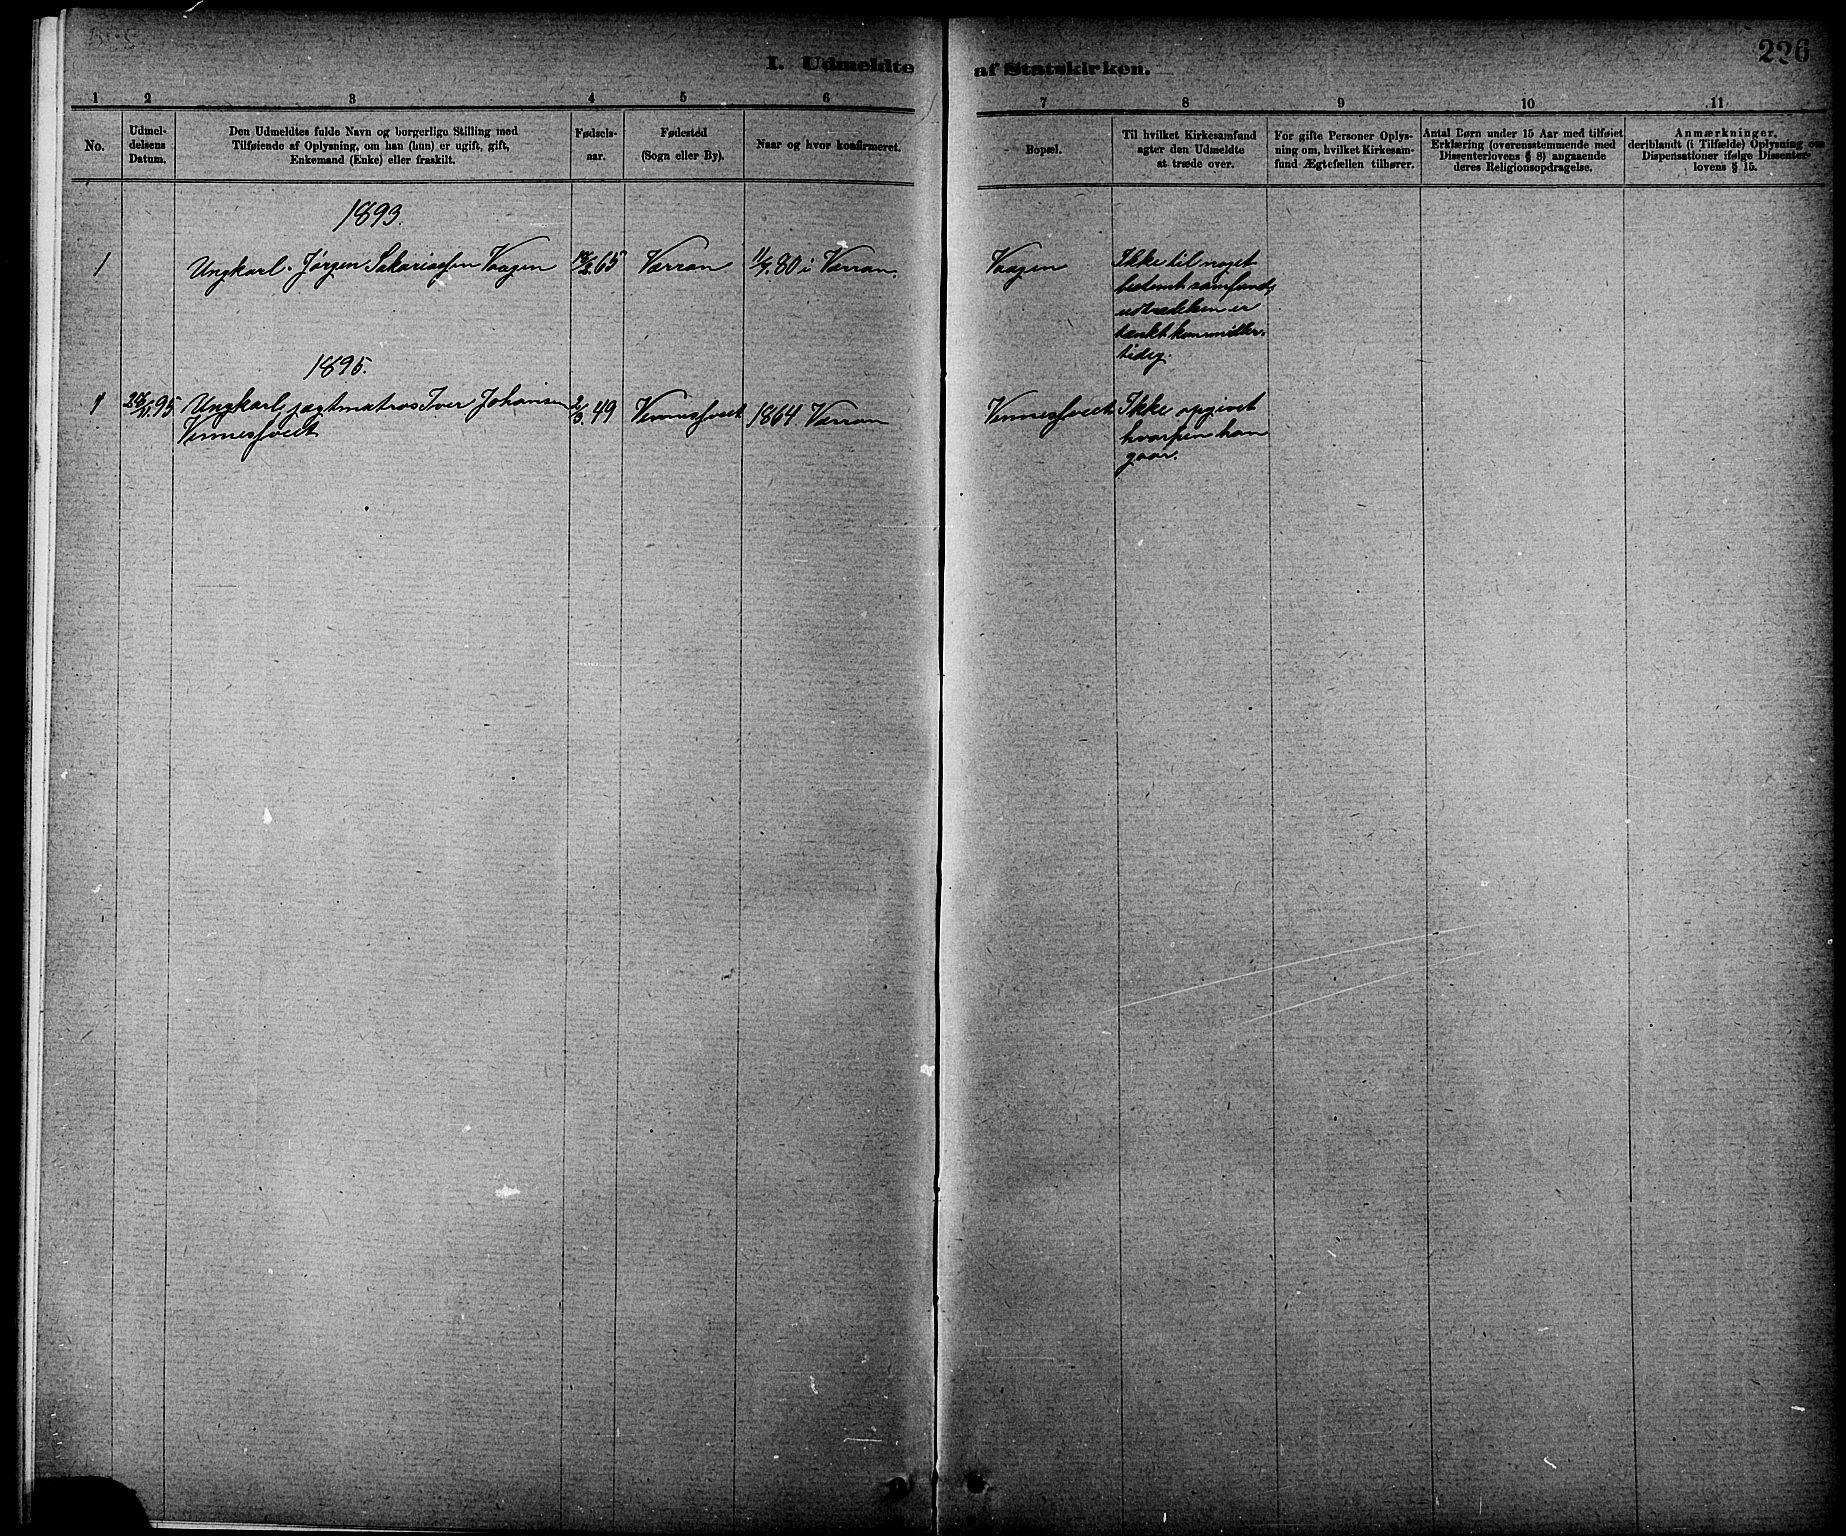 SAT, Ministerialprotokoller, klokkerbøker og fødselsregistre - Nord-Trøndelag, 744/L0423: Klokkerbok nr. 744C02, 1886-1905, s. 226